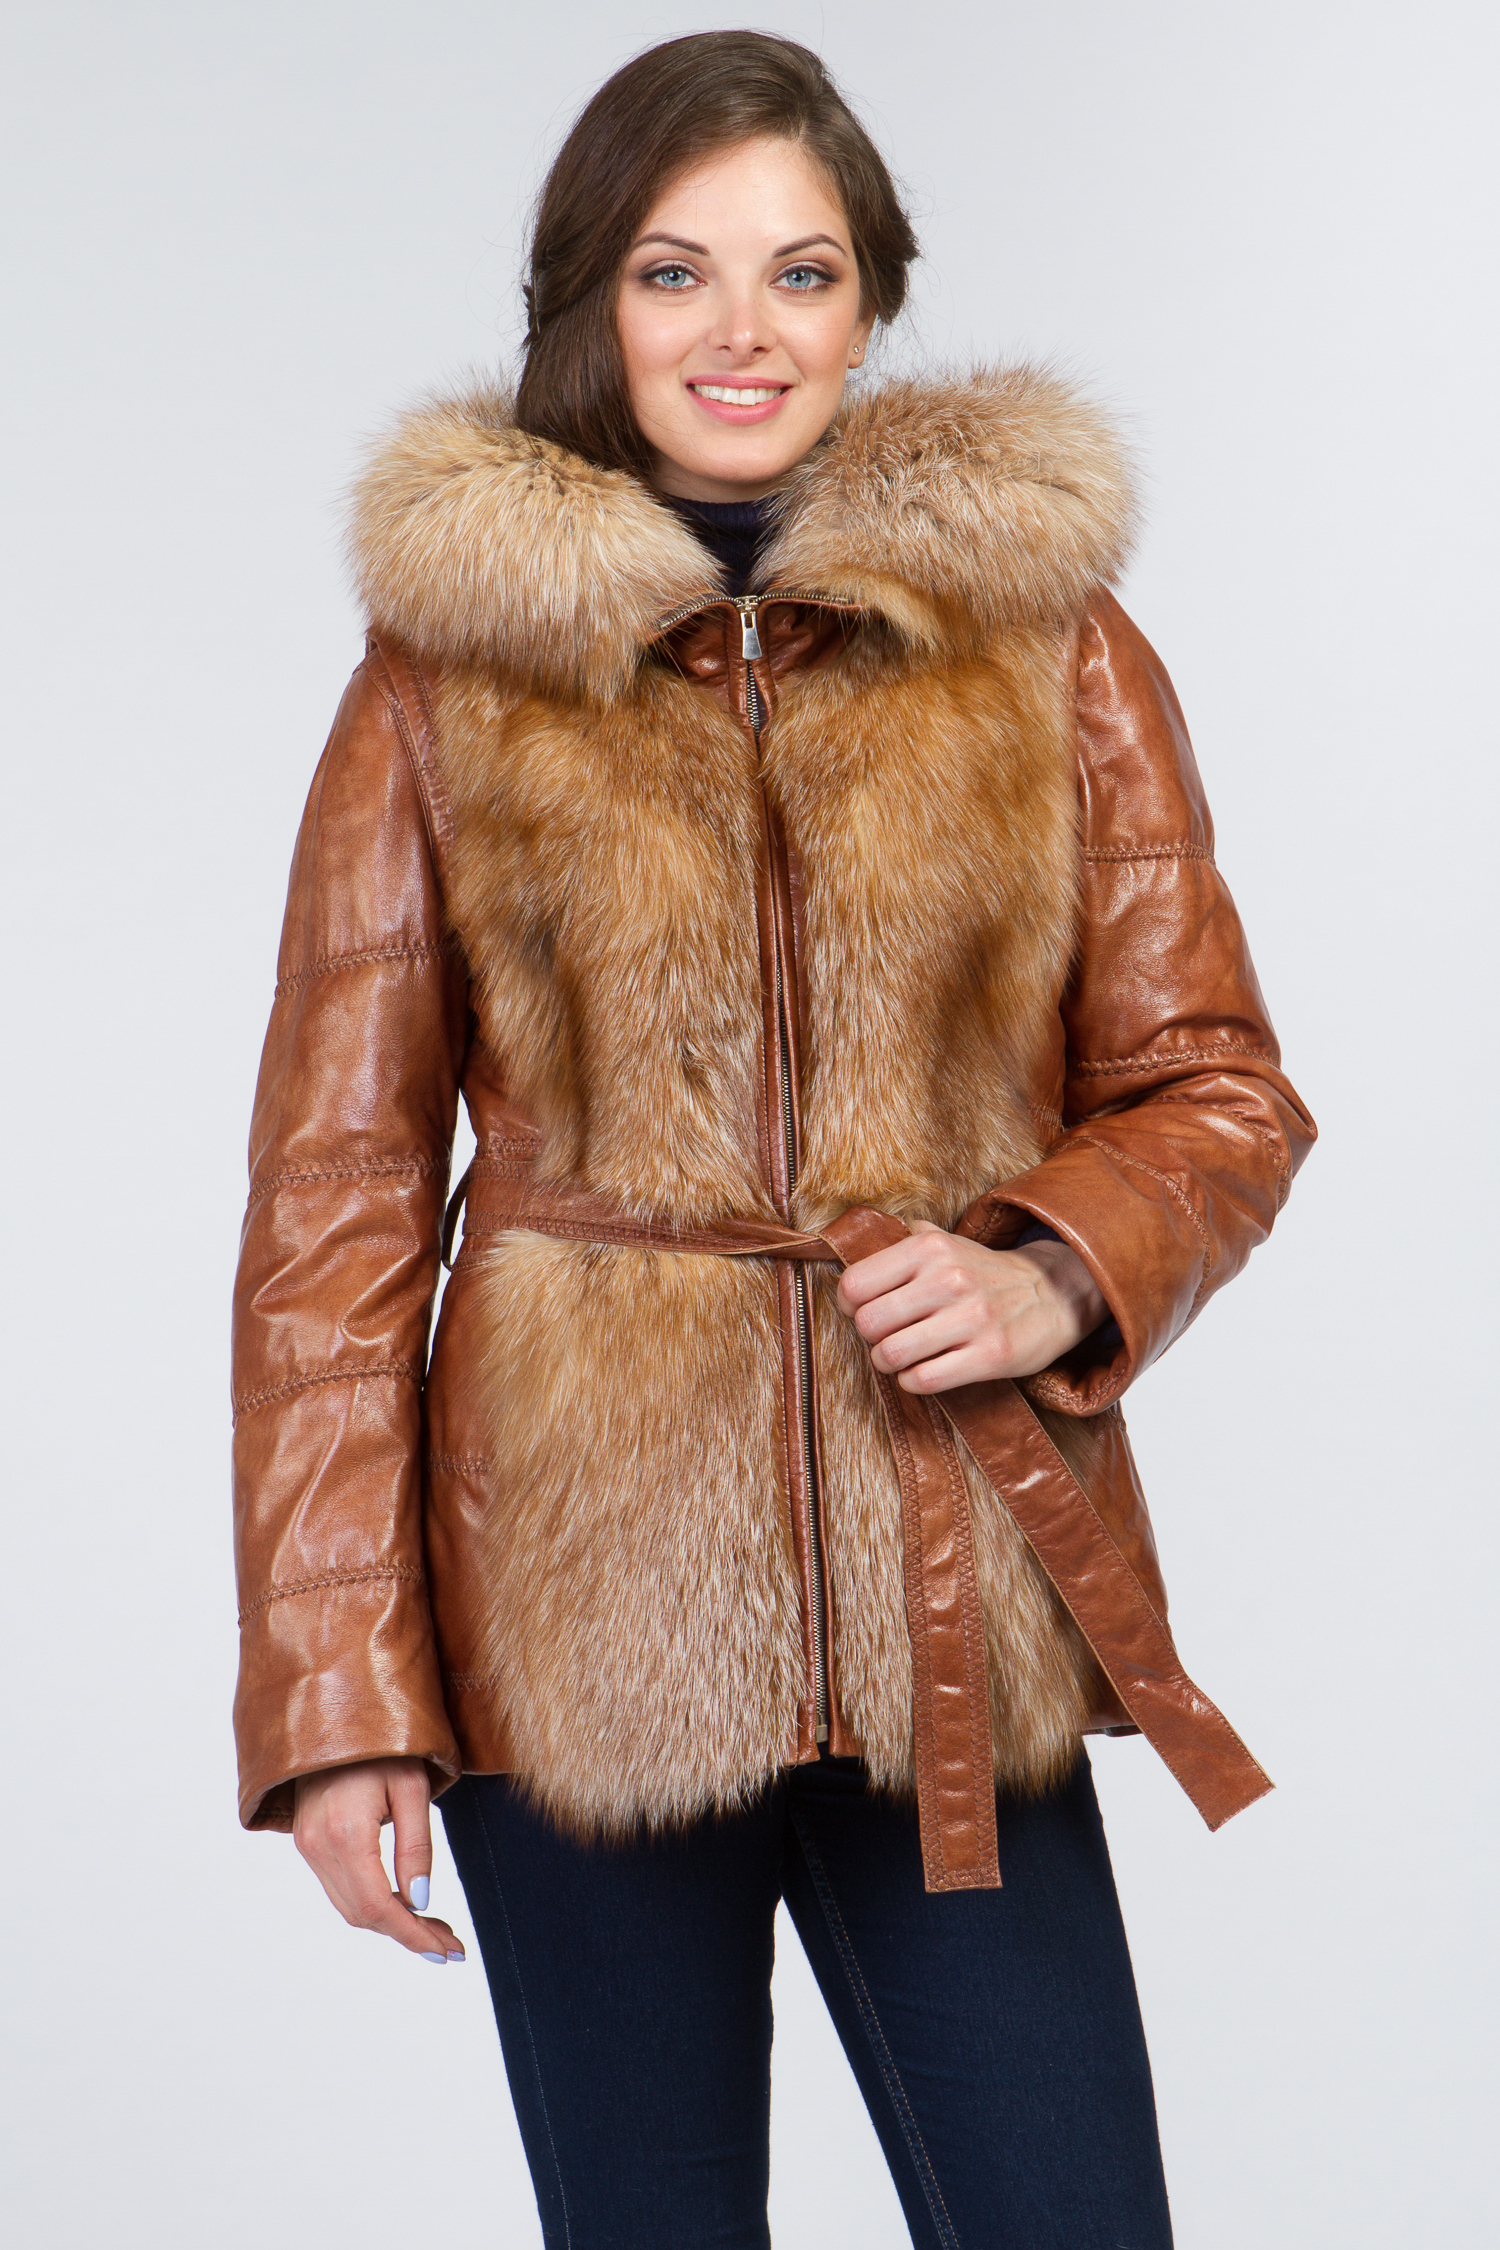 Женская кожаная куртка из натуральной кожи с капюшоном, отделка лиса